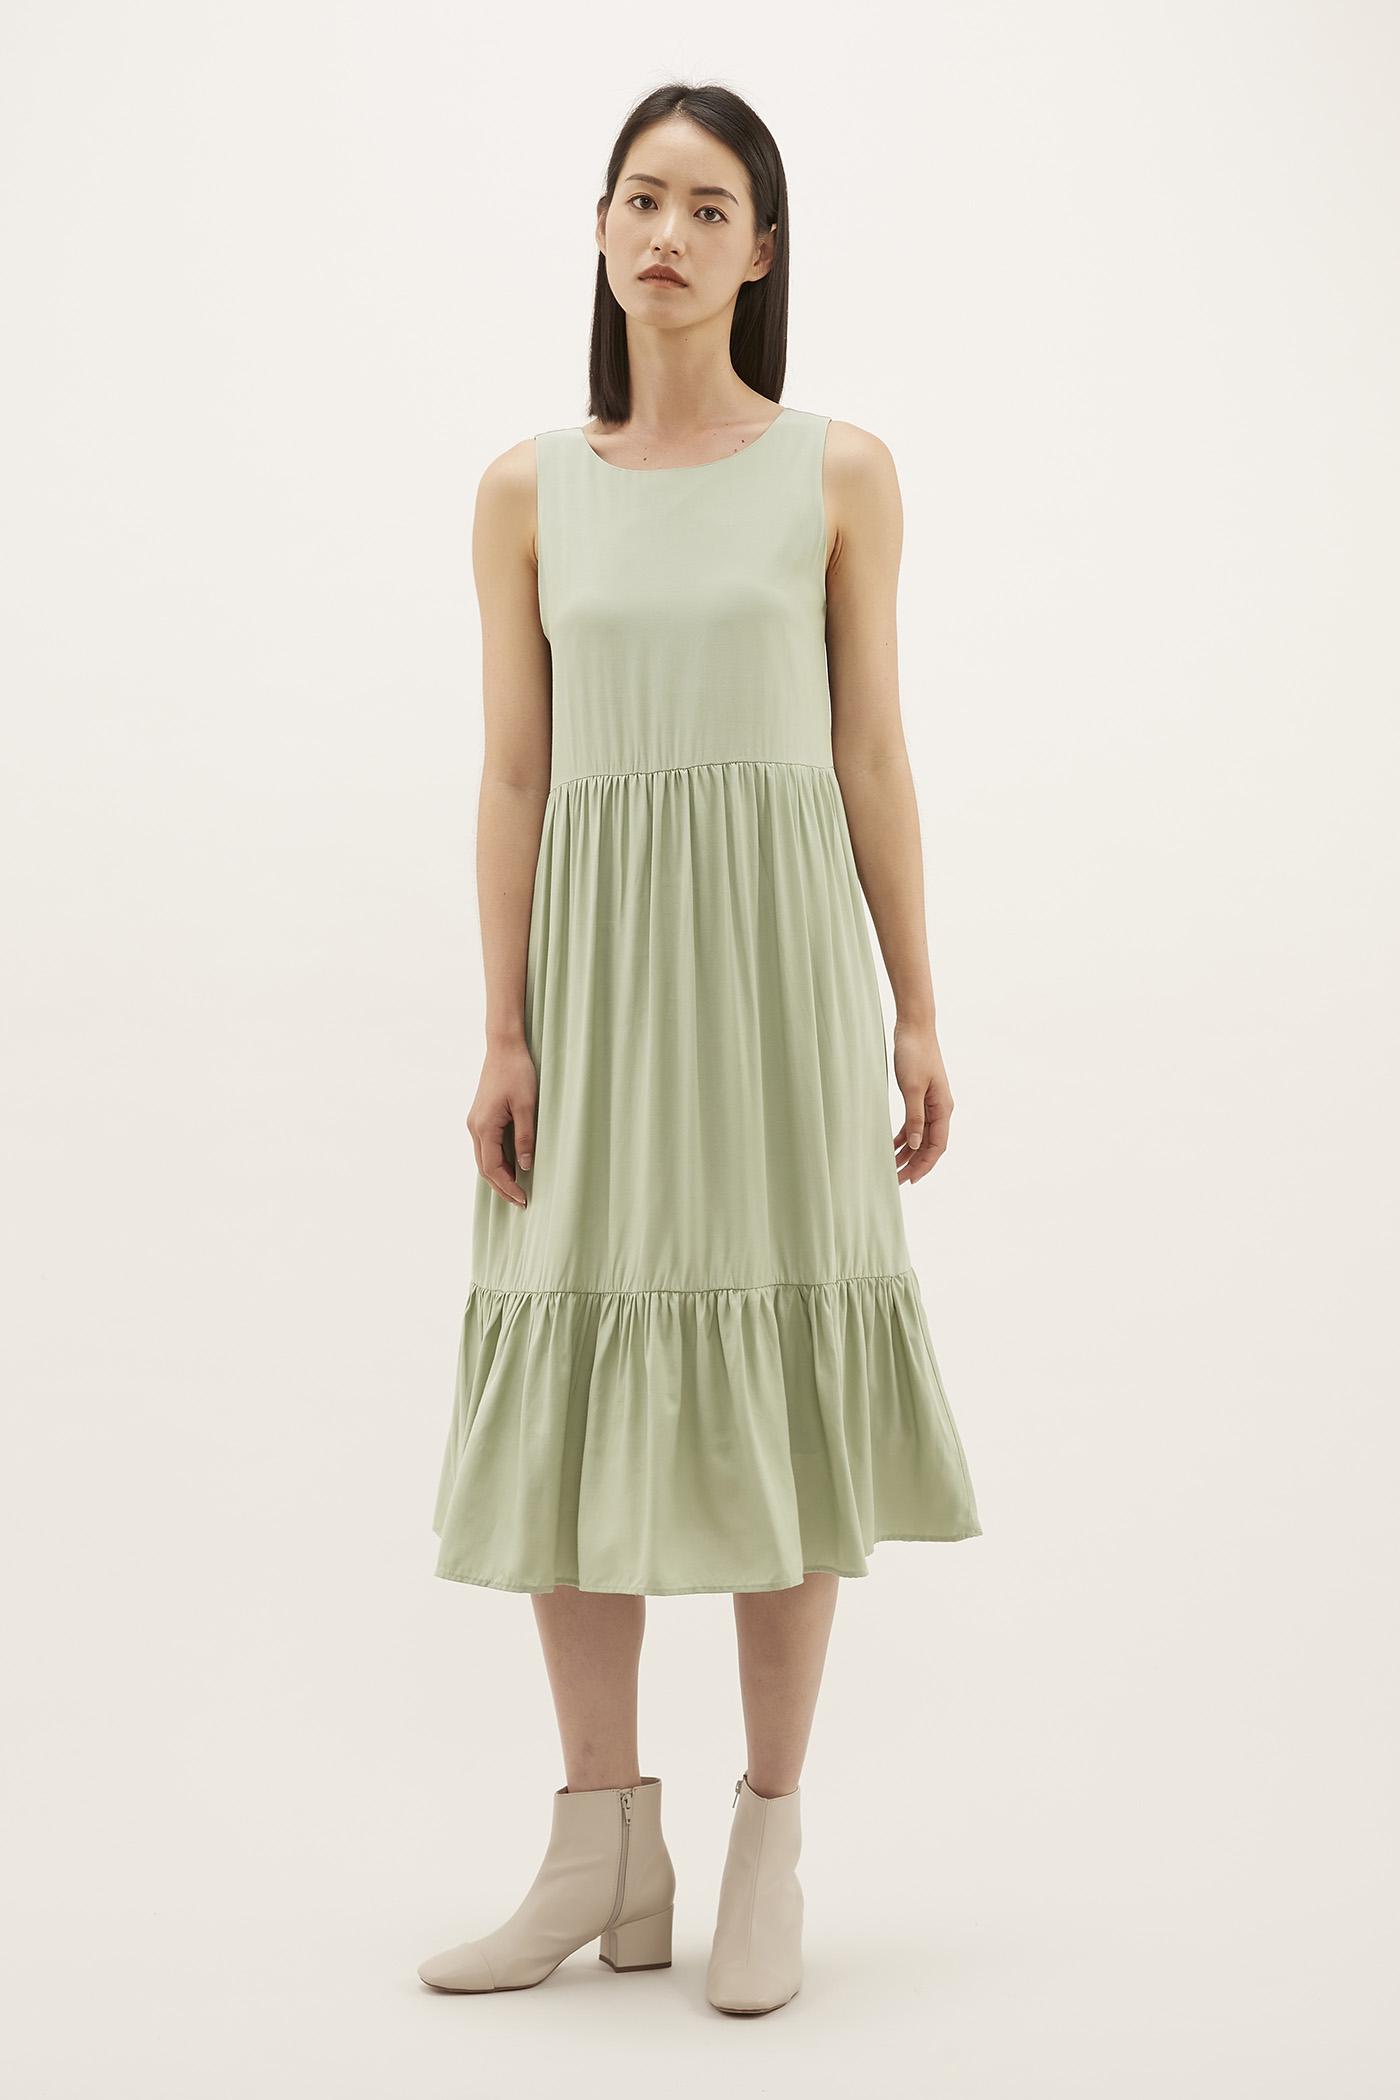 Alexsa Drop-hem Dress